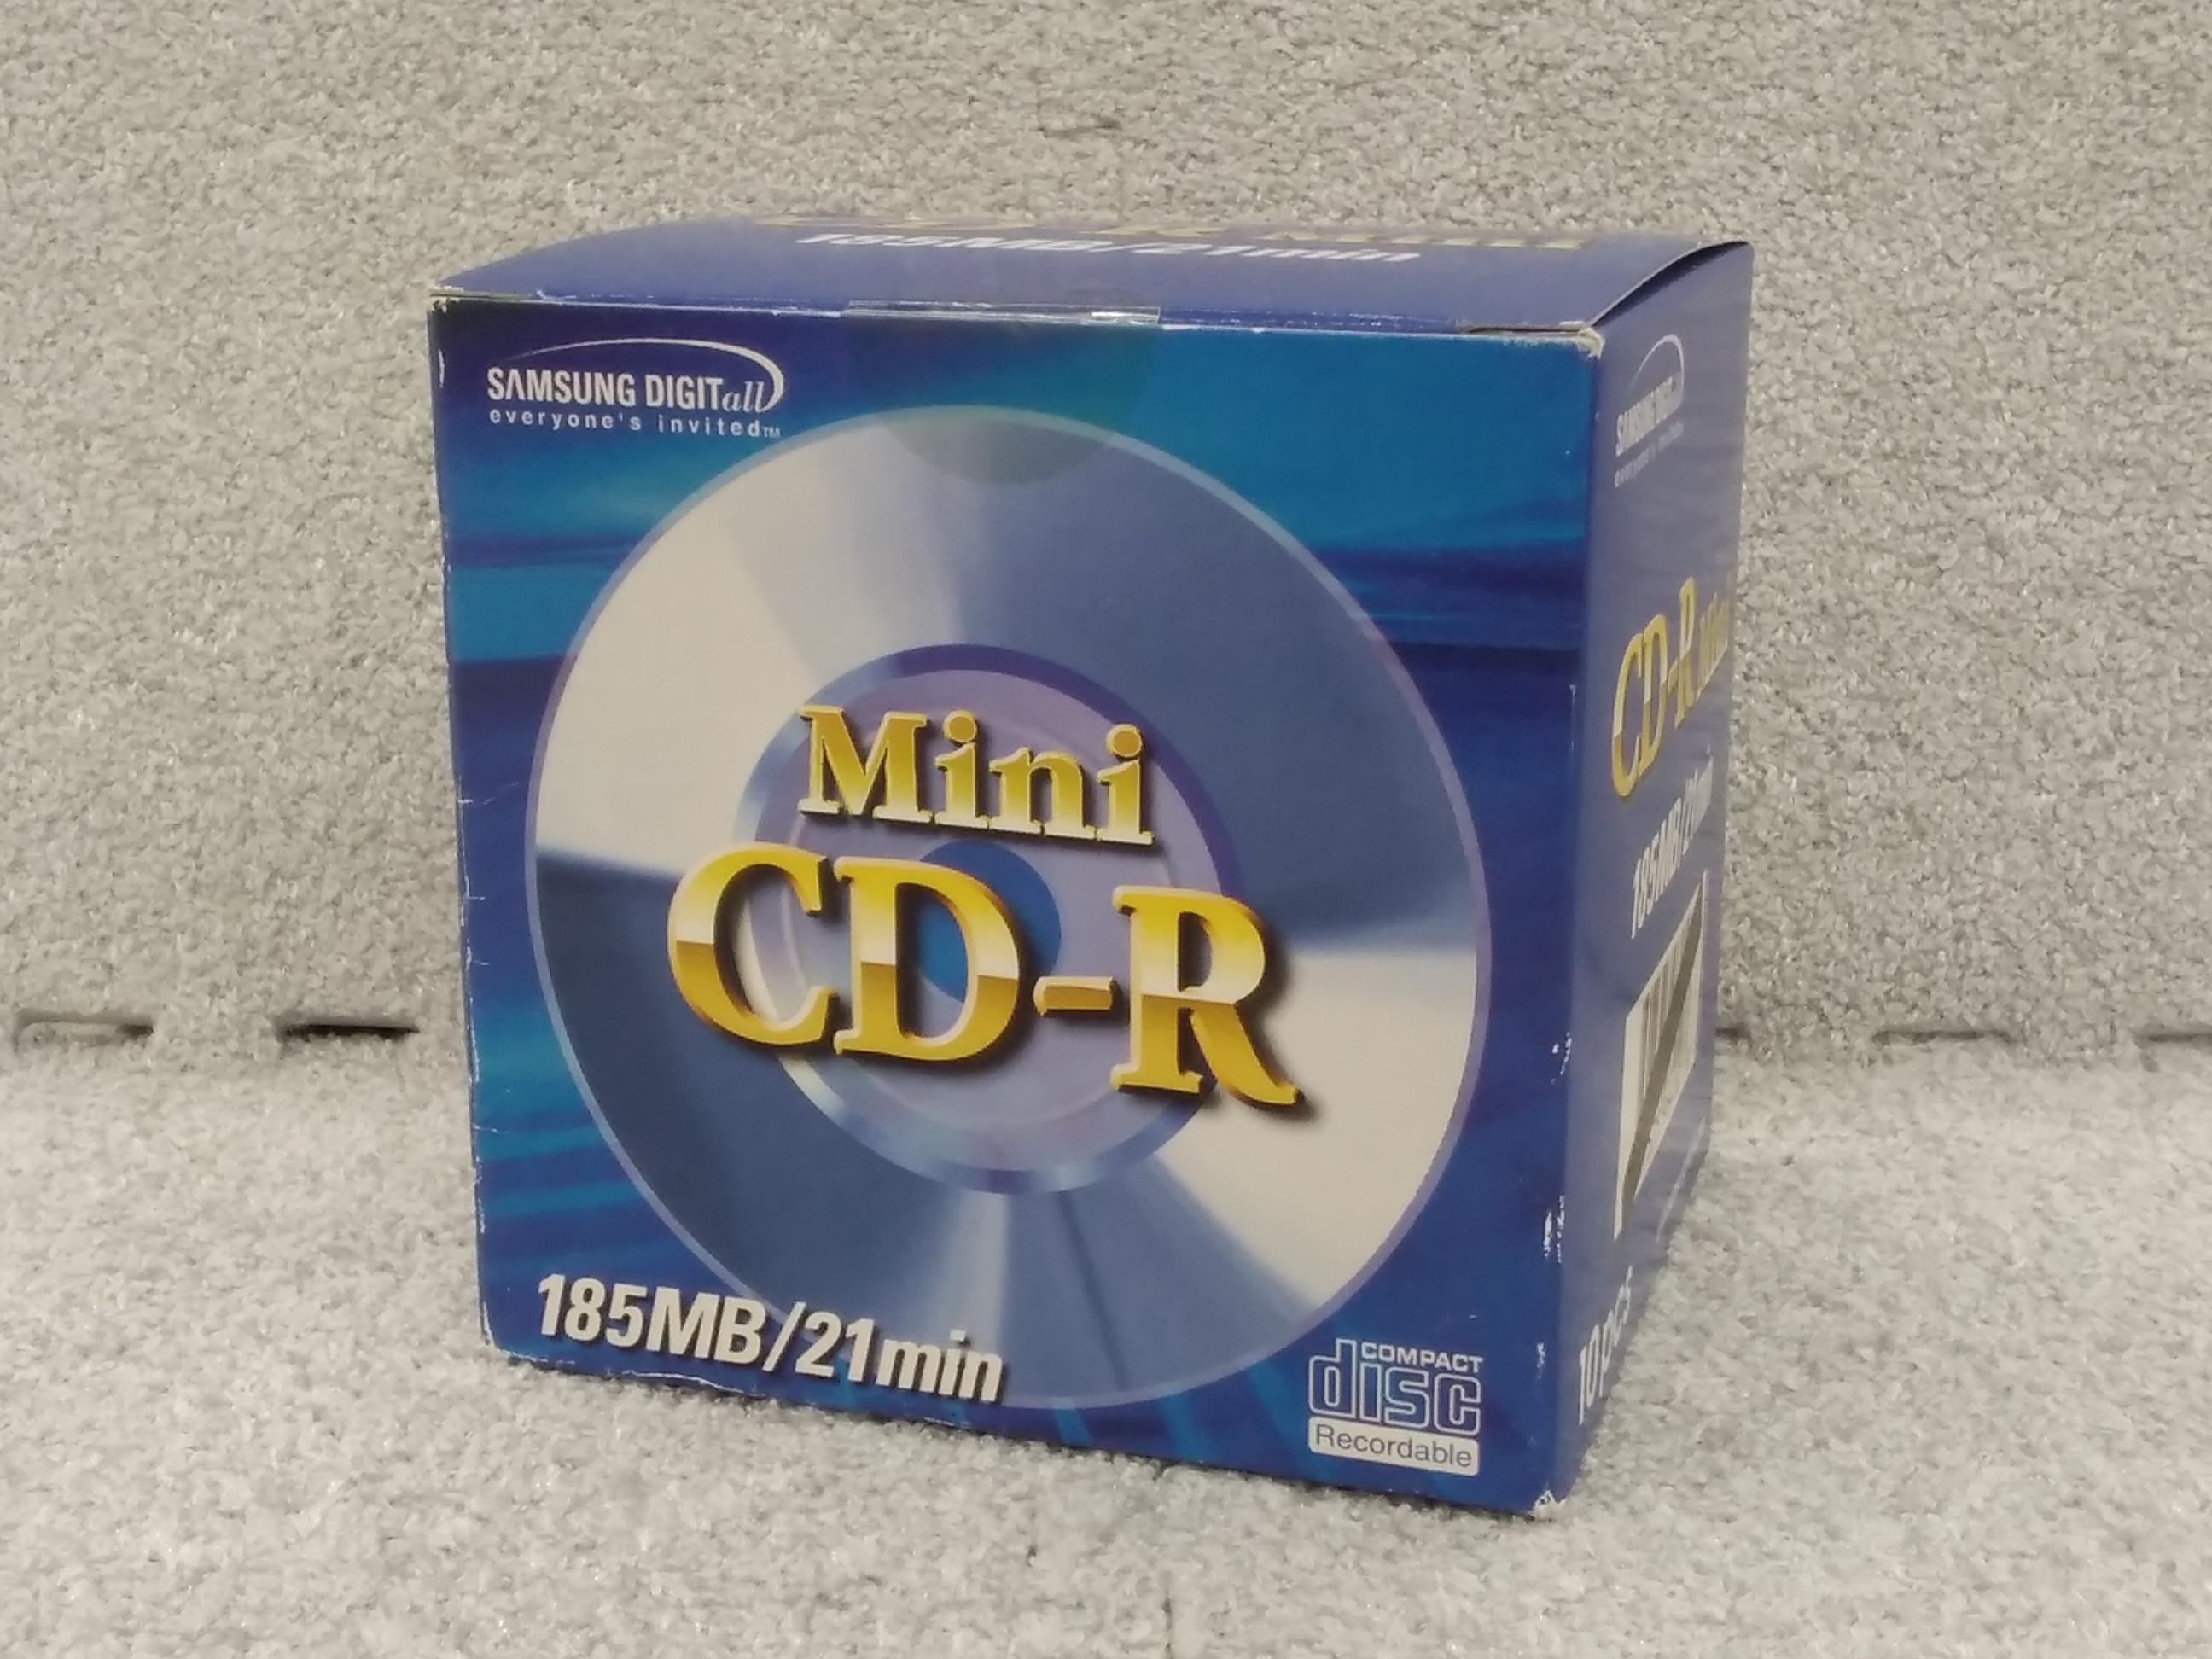 未開封 MiniCD-R 185MB/21min 10pcs|SAMSUNG